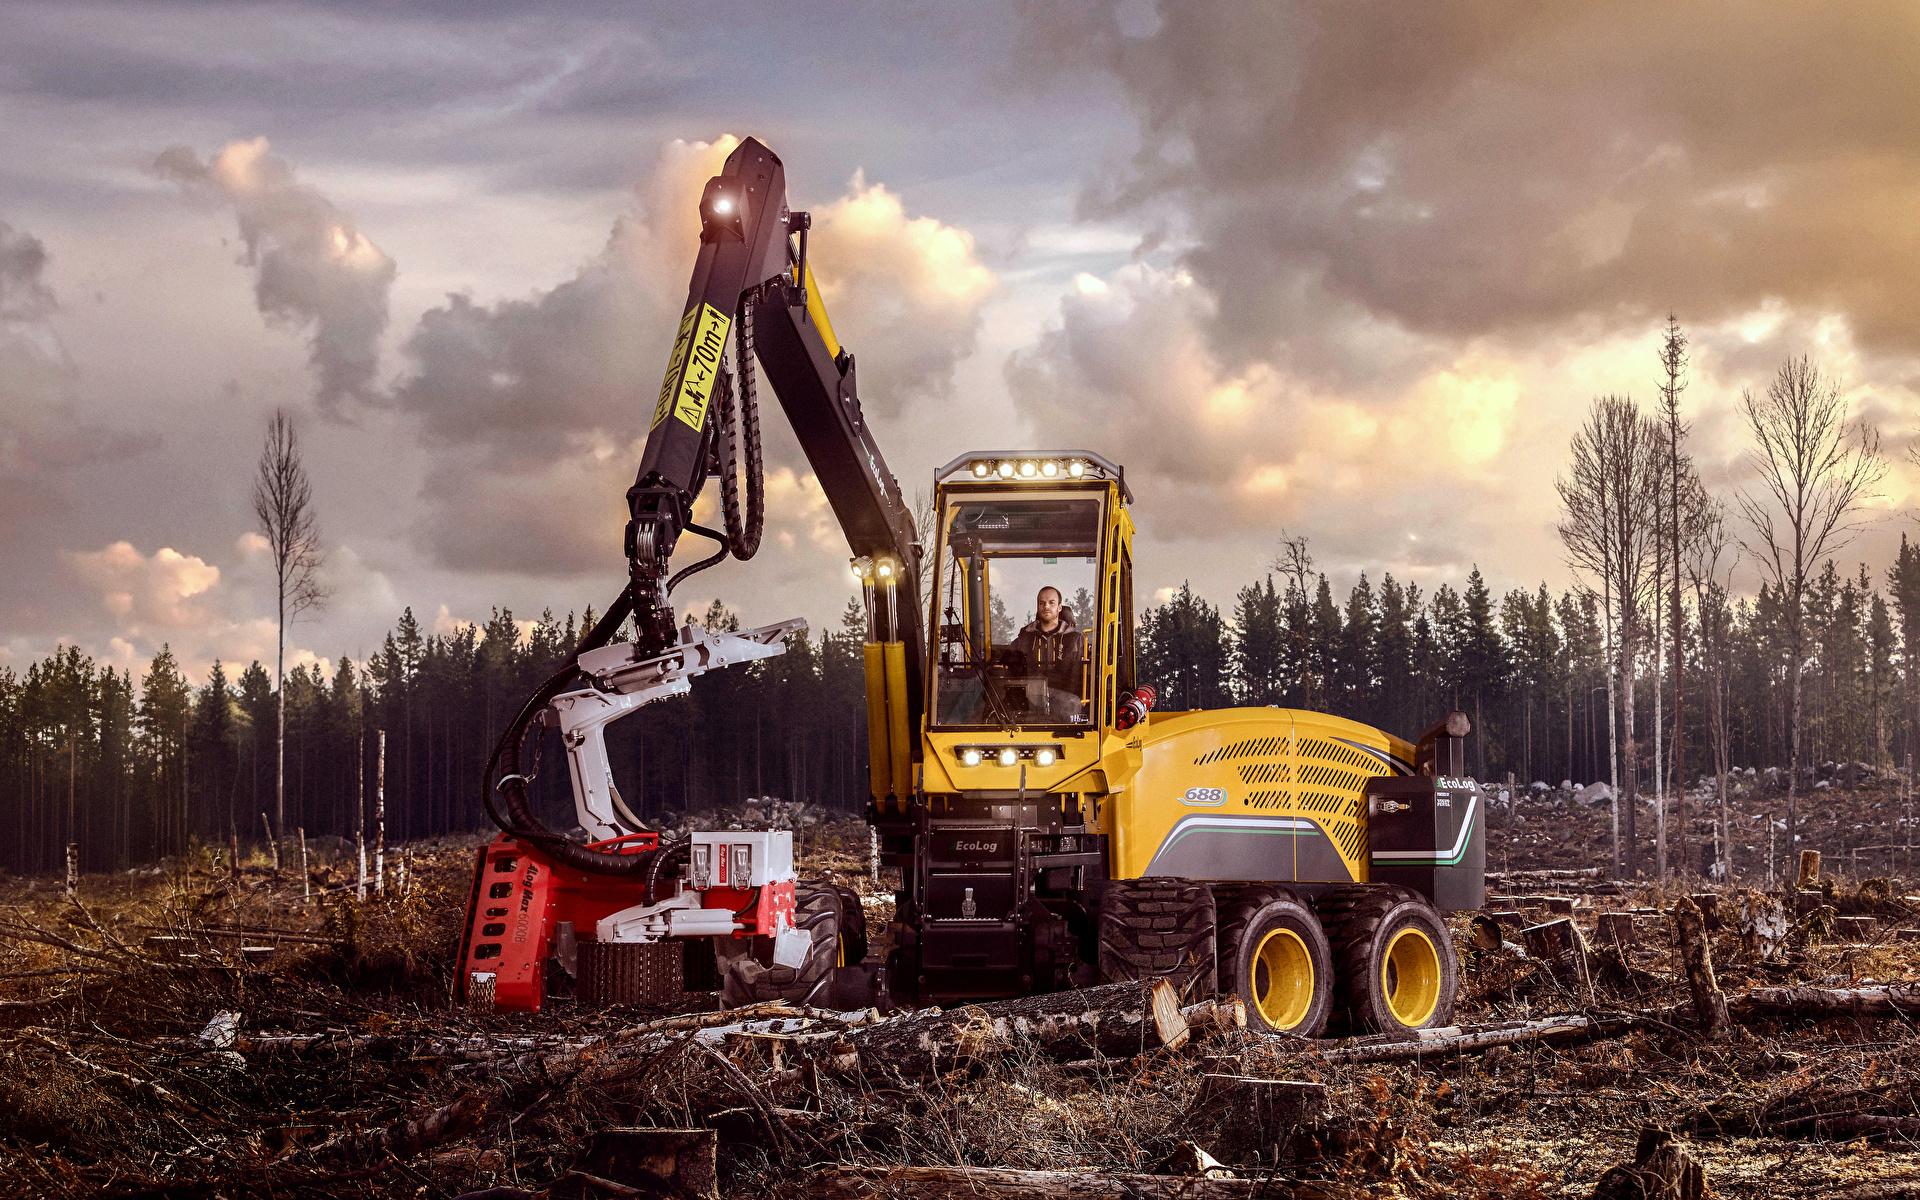 Фотографии Форвардер 2017-18 Eco Log 688E бревно 1920x1200 Бревна